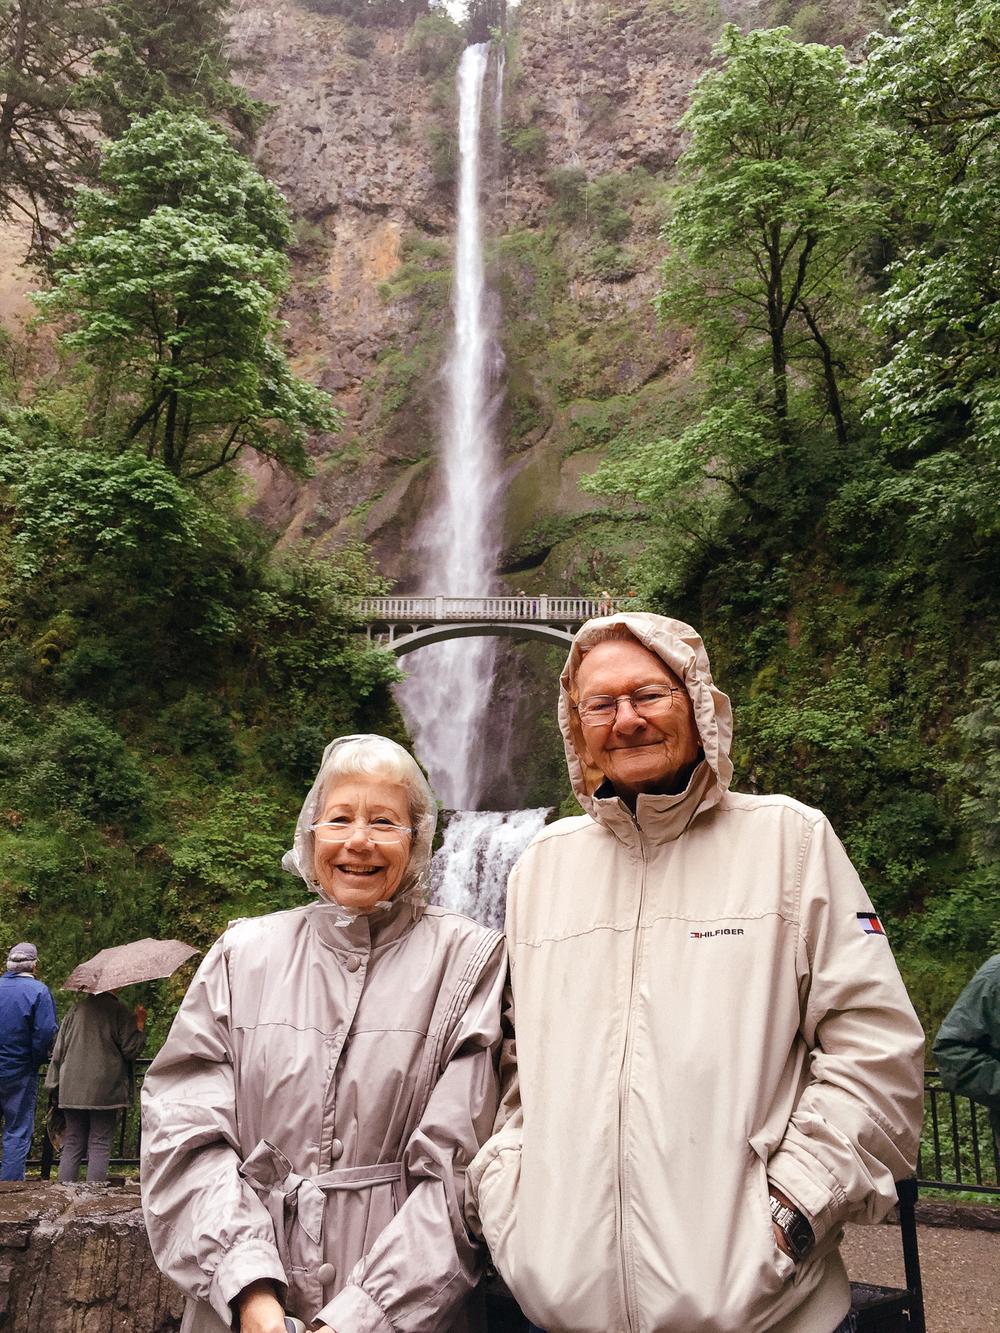 Multnomah Falls, WA (May 2015)